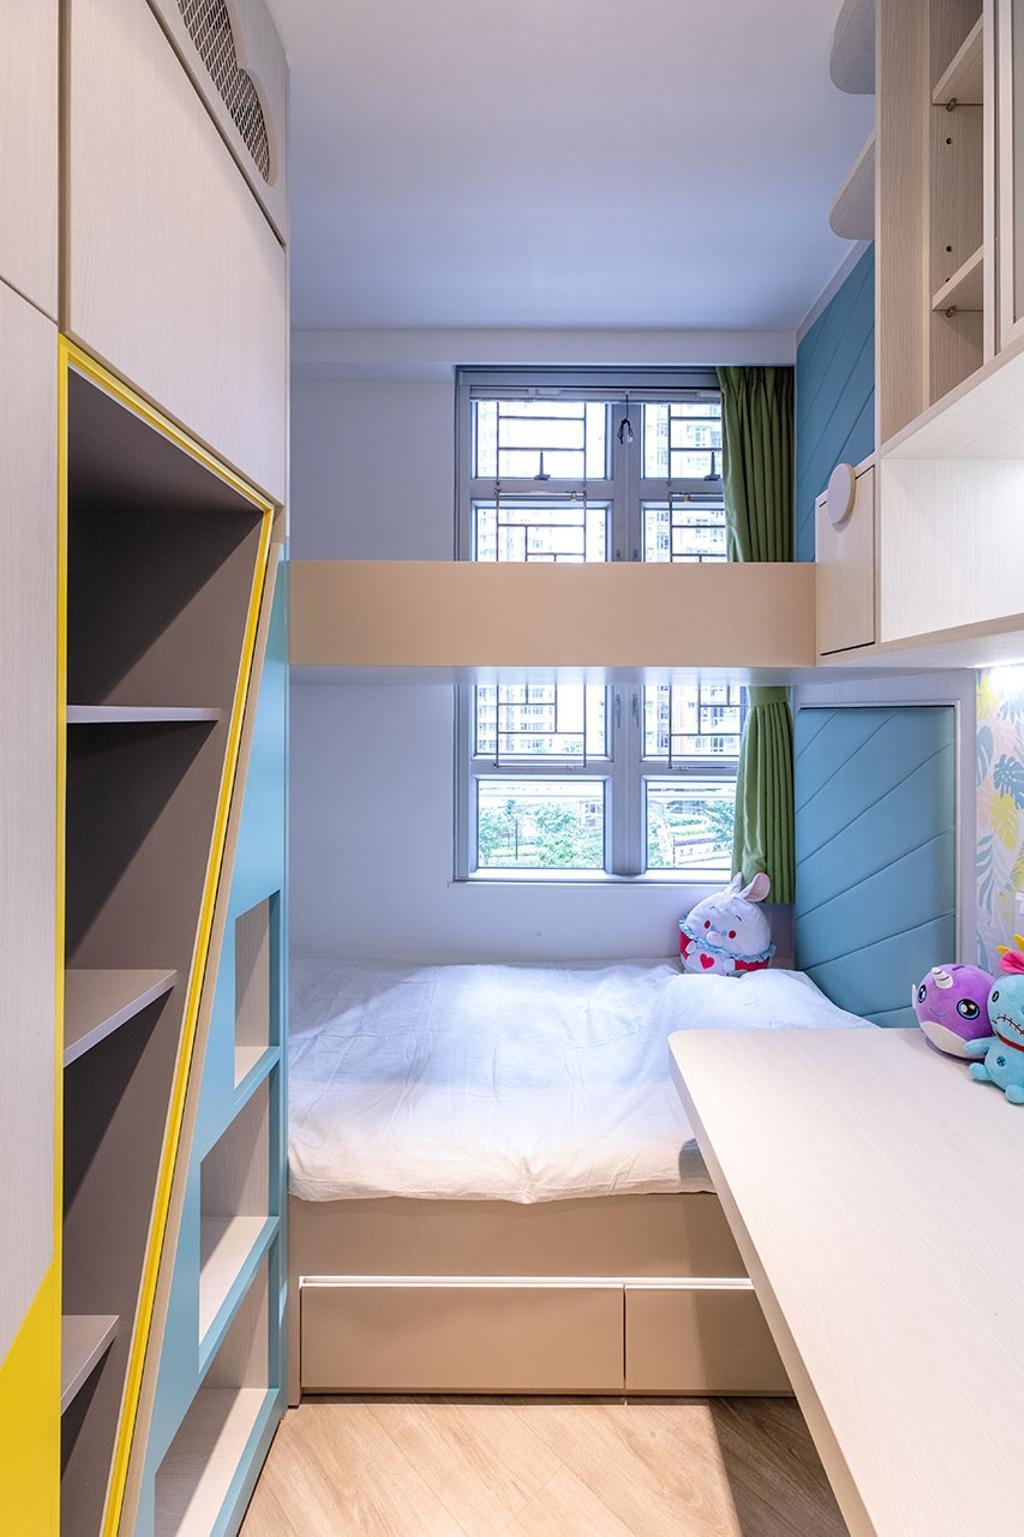 北歐, 公屋/居屋, 睡房, 凱樂苑, 室內設計師, MAD Studio Limited